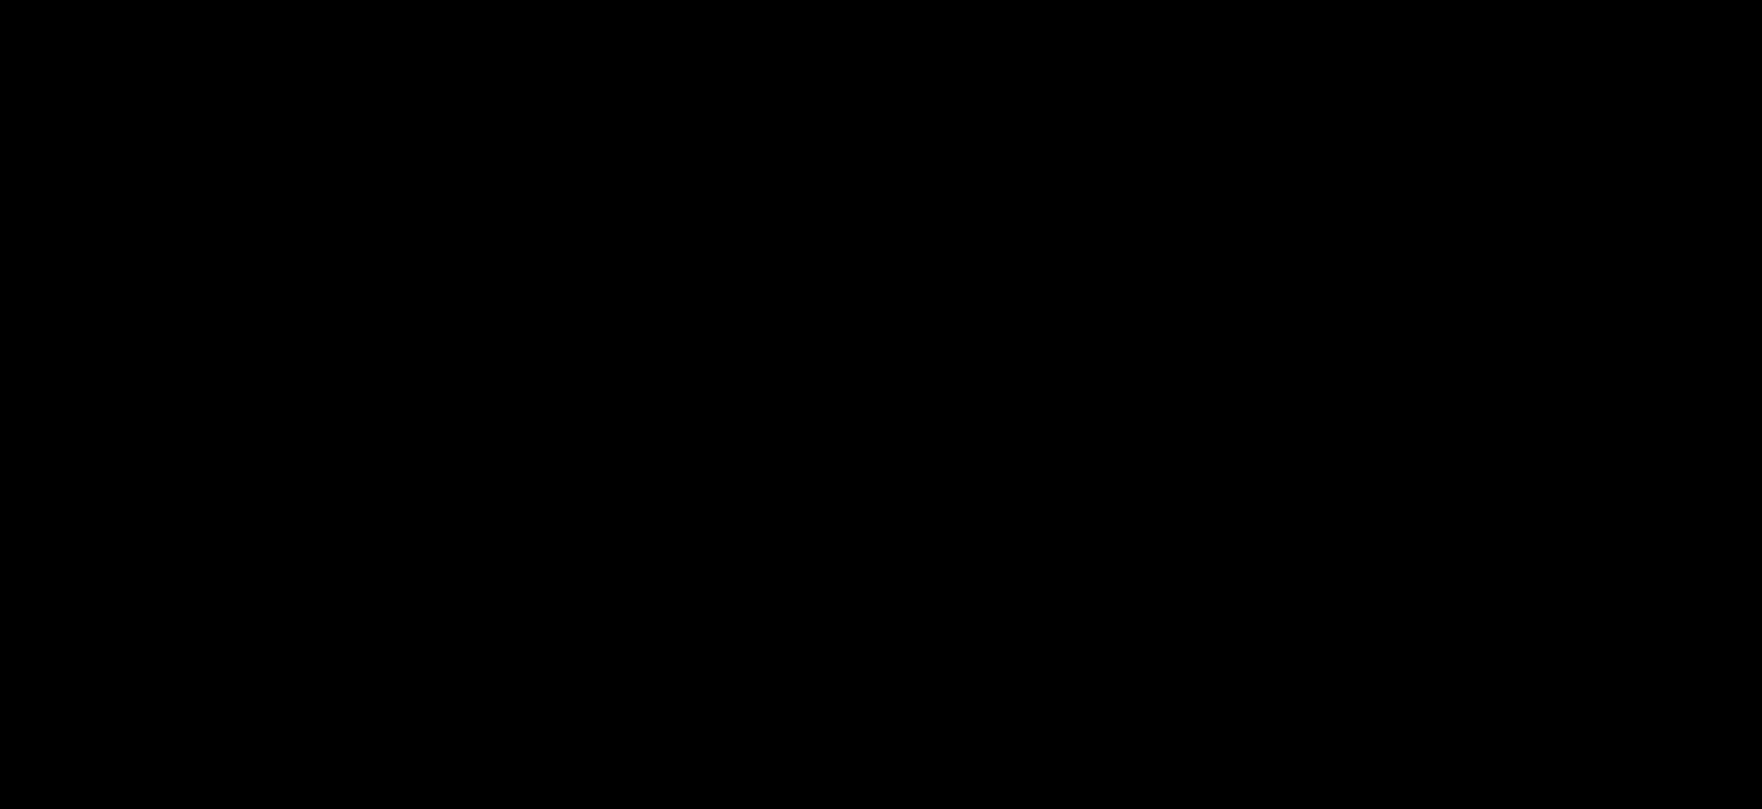 Sunitinib N,N-didesethyl-d<sub>4</sub> impurity